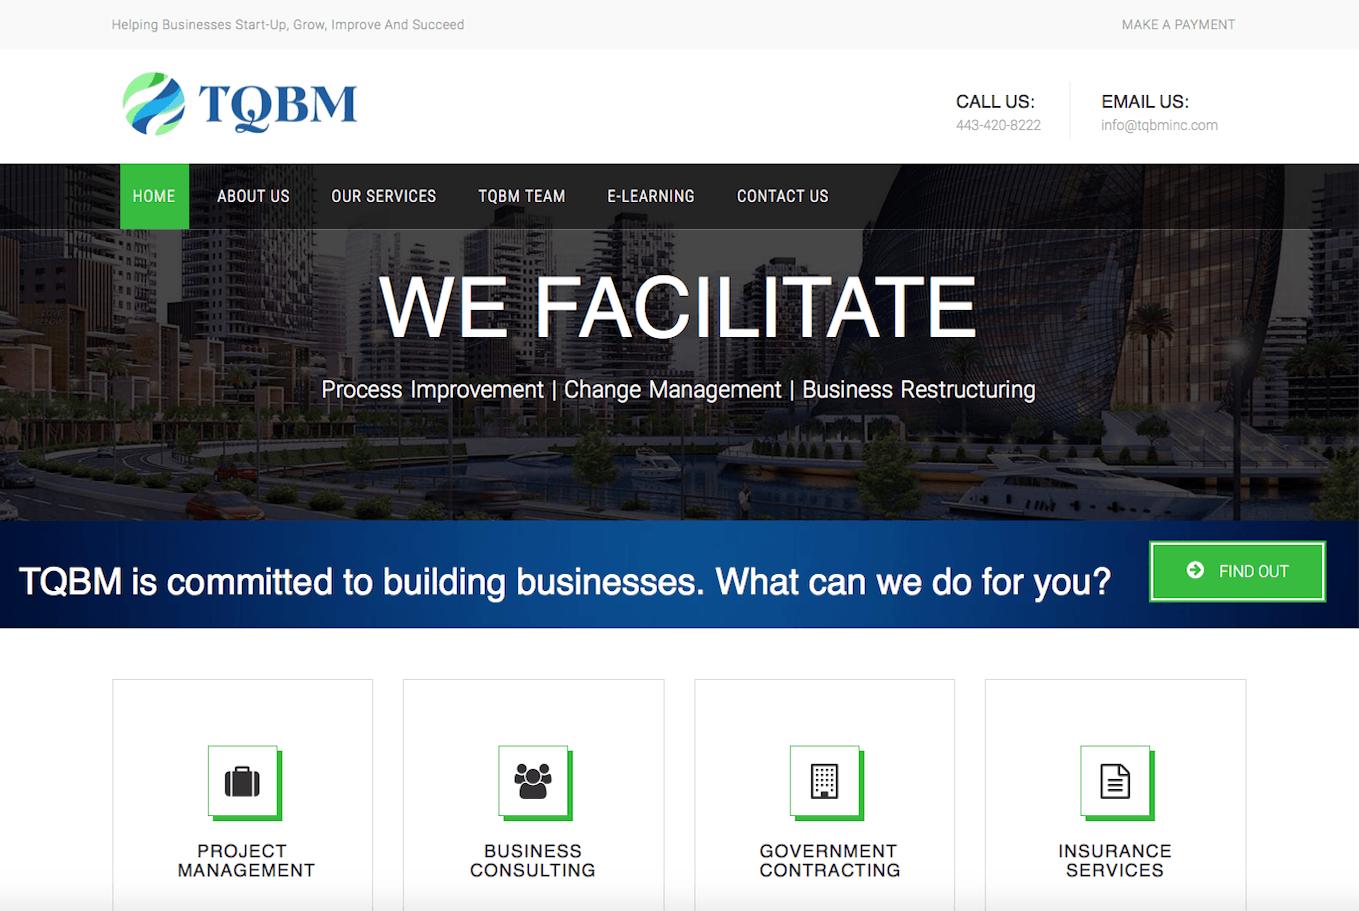 tqbminc.com